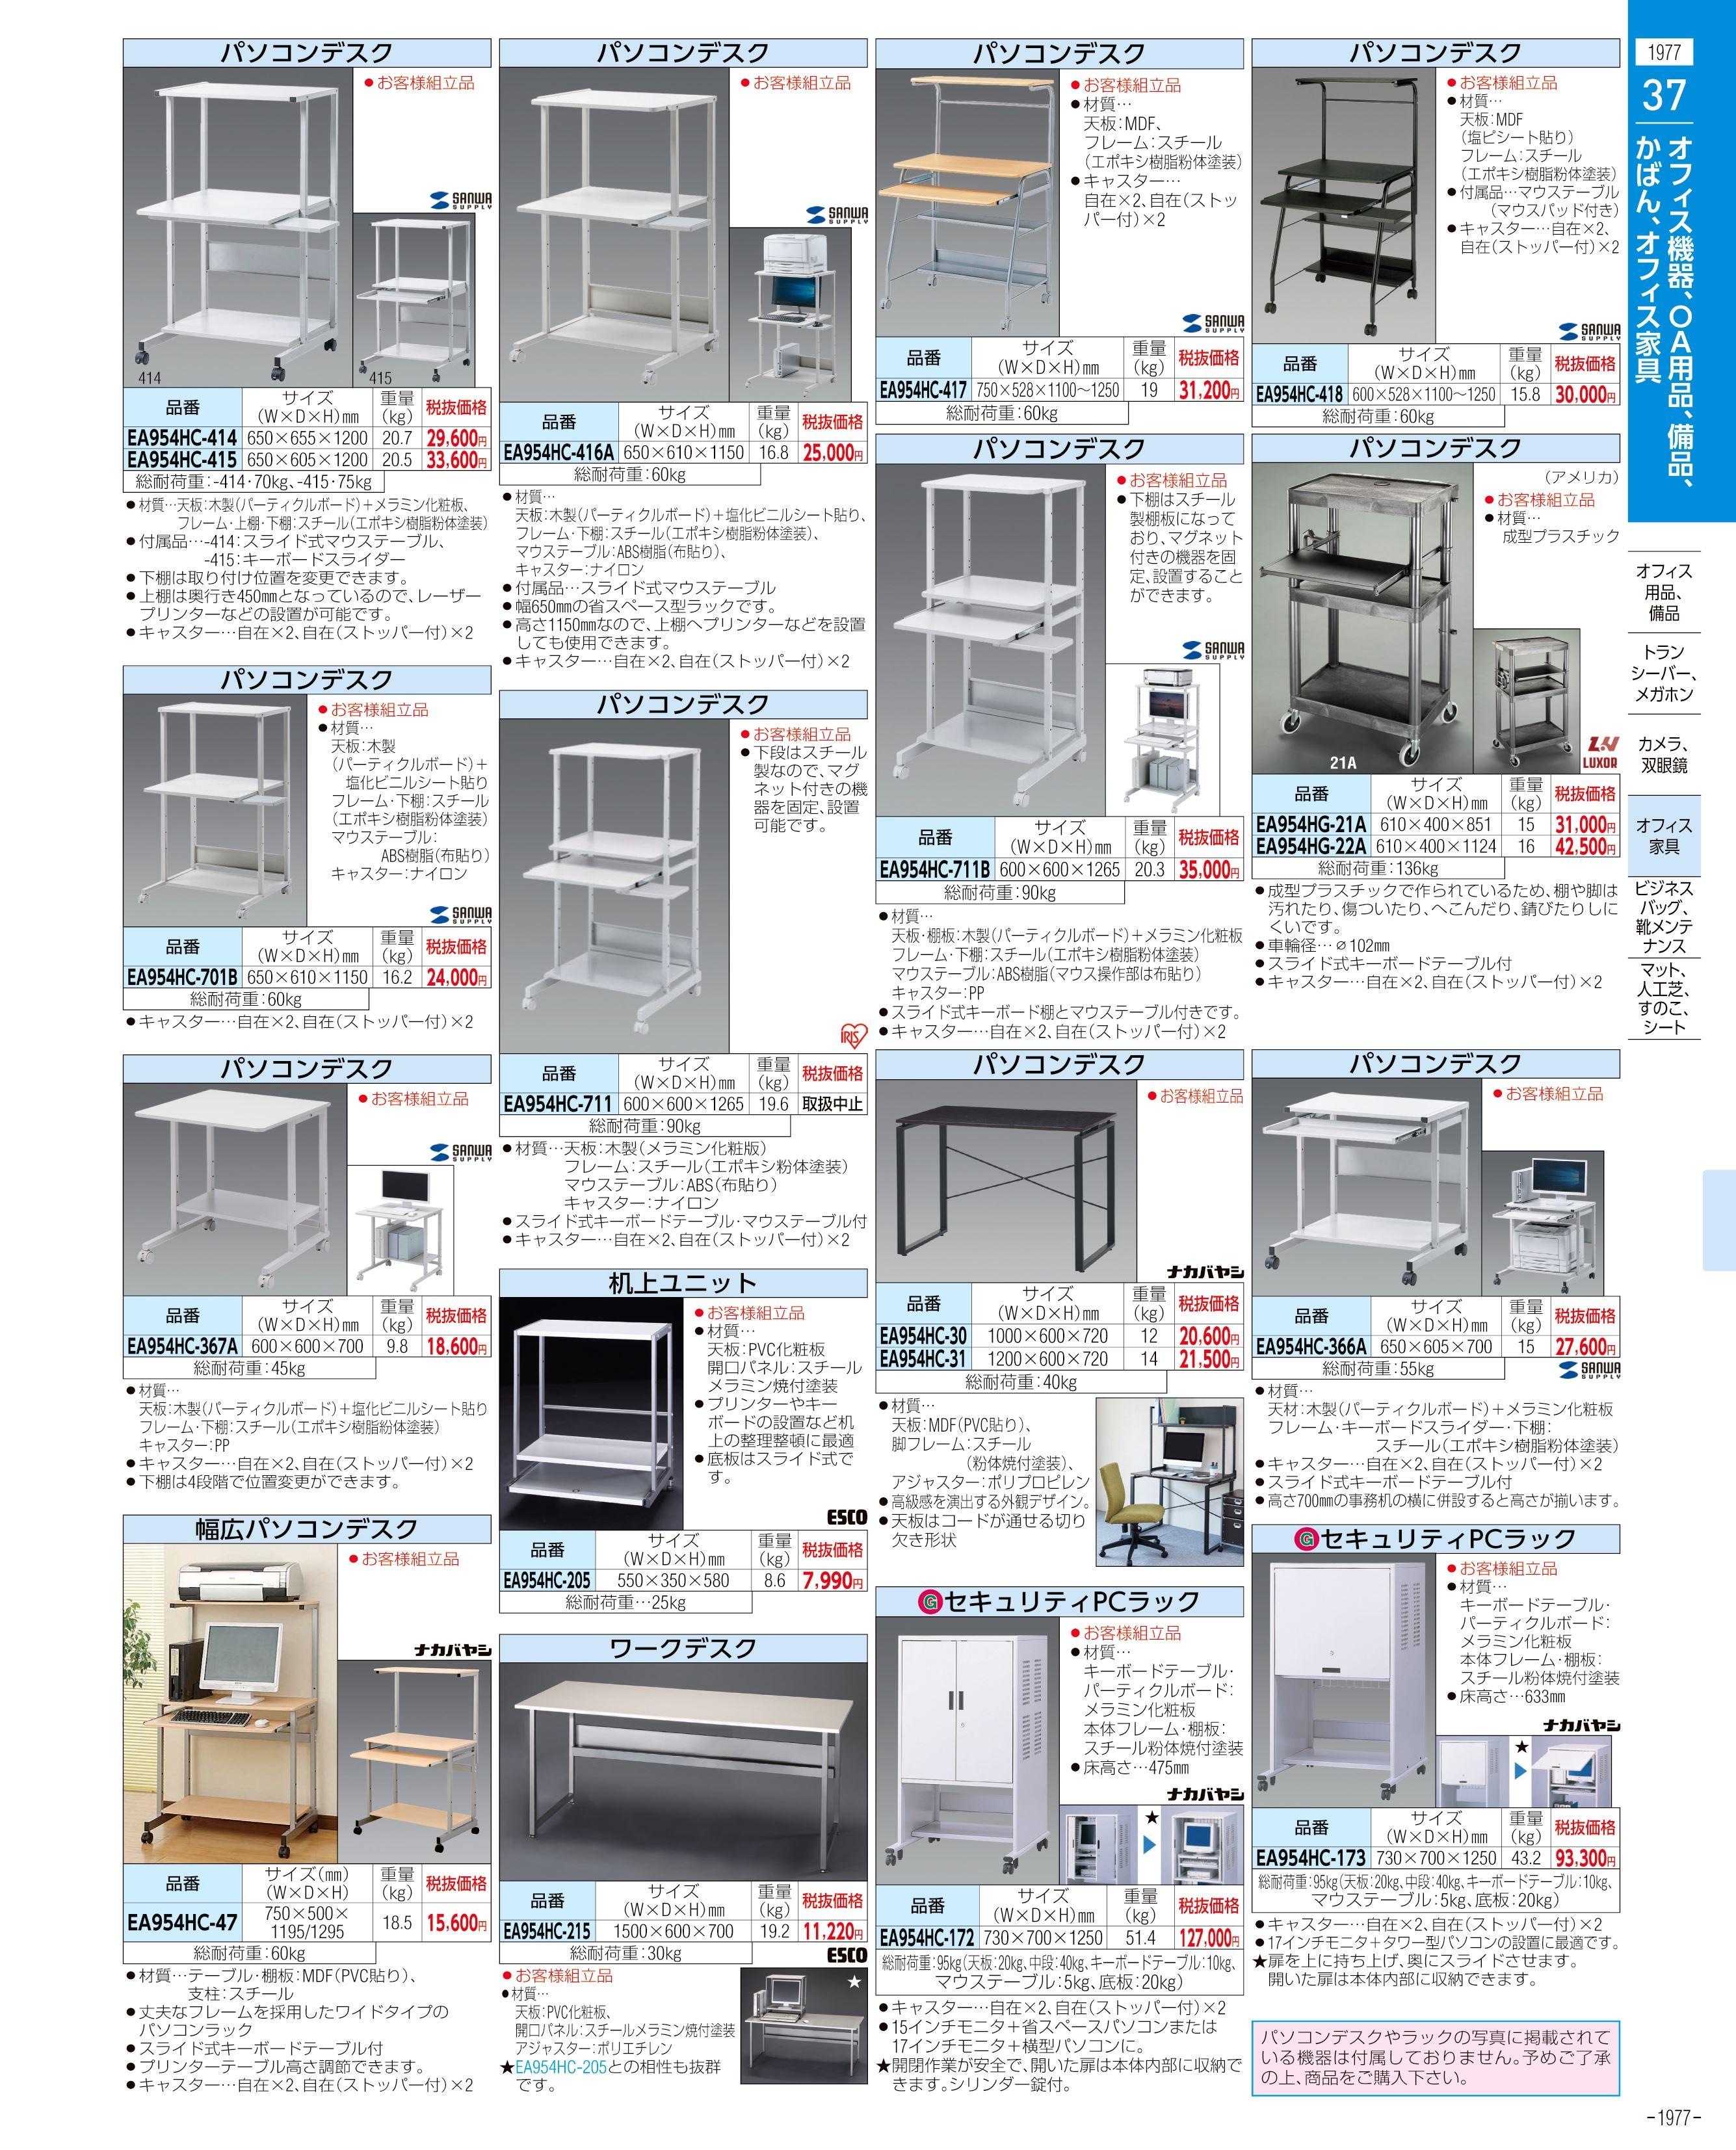 エスコ便利カタログ1977ページ